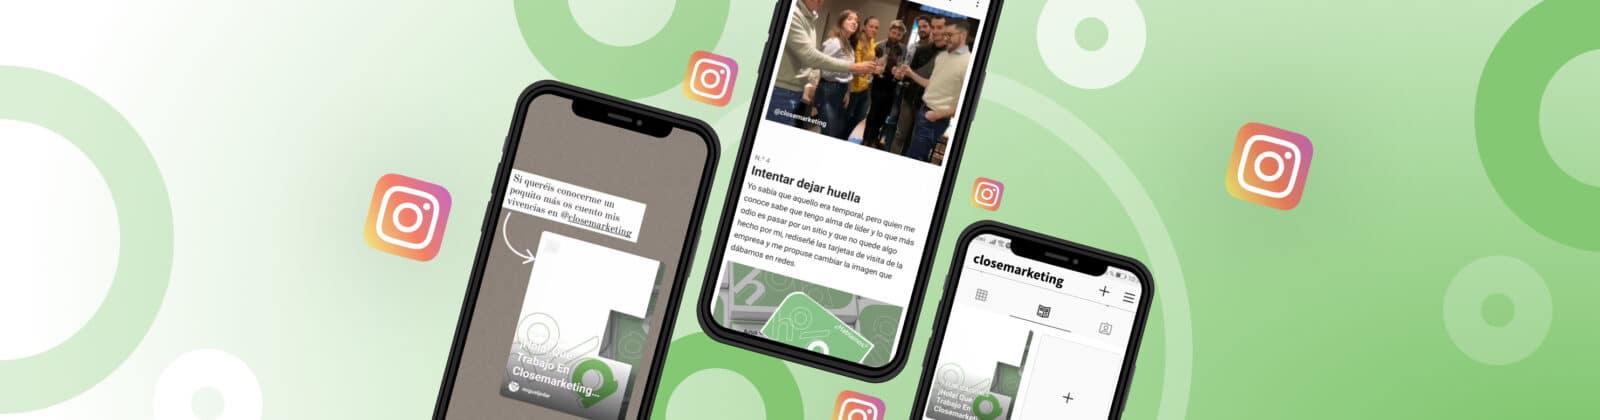 Qué son las Guías de Instagram y cómo usarlas